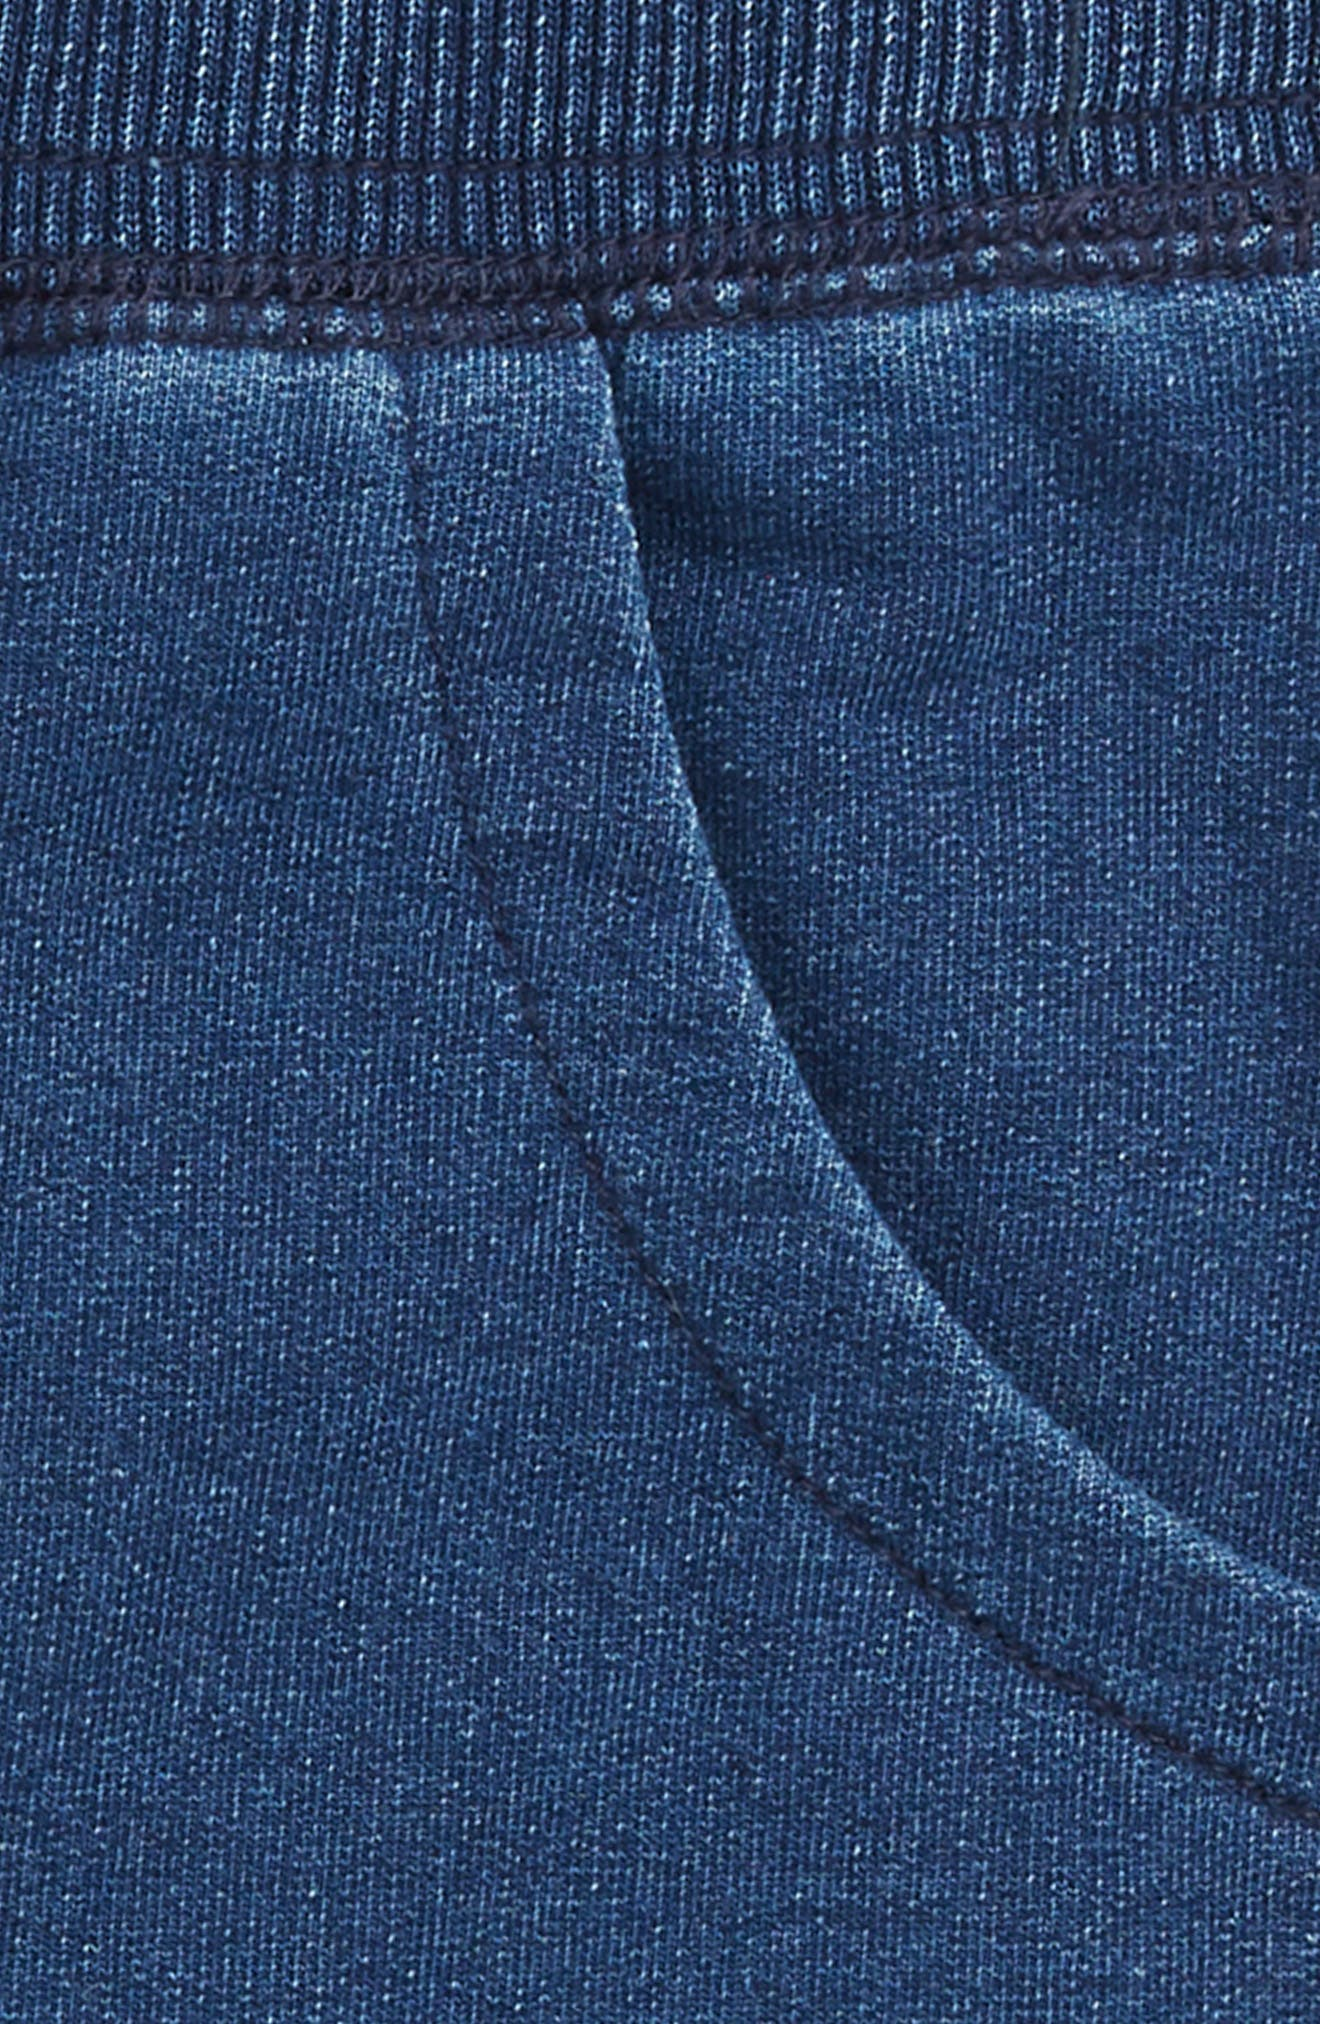 Stonewashed French Terry Shorts,                             Alternate thumbnail 3, color,                             MED STONE INDIGO